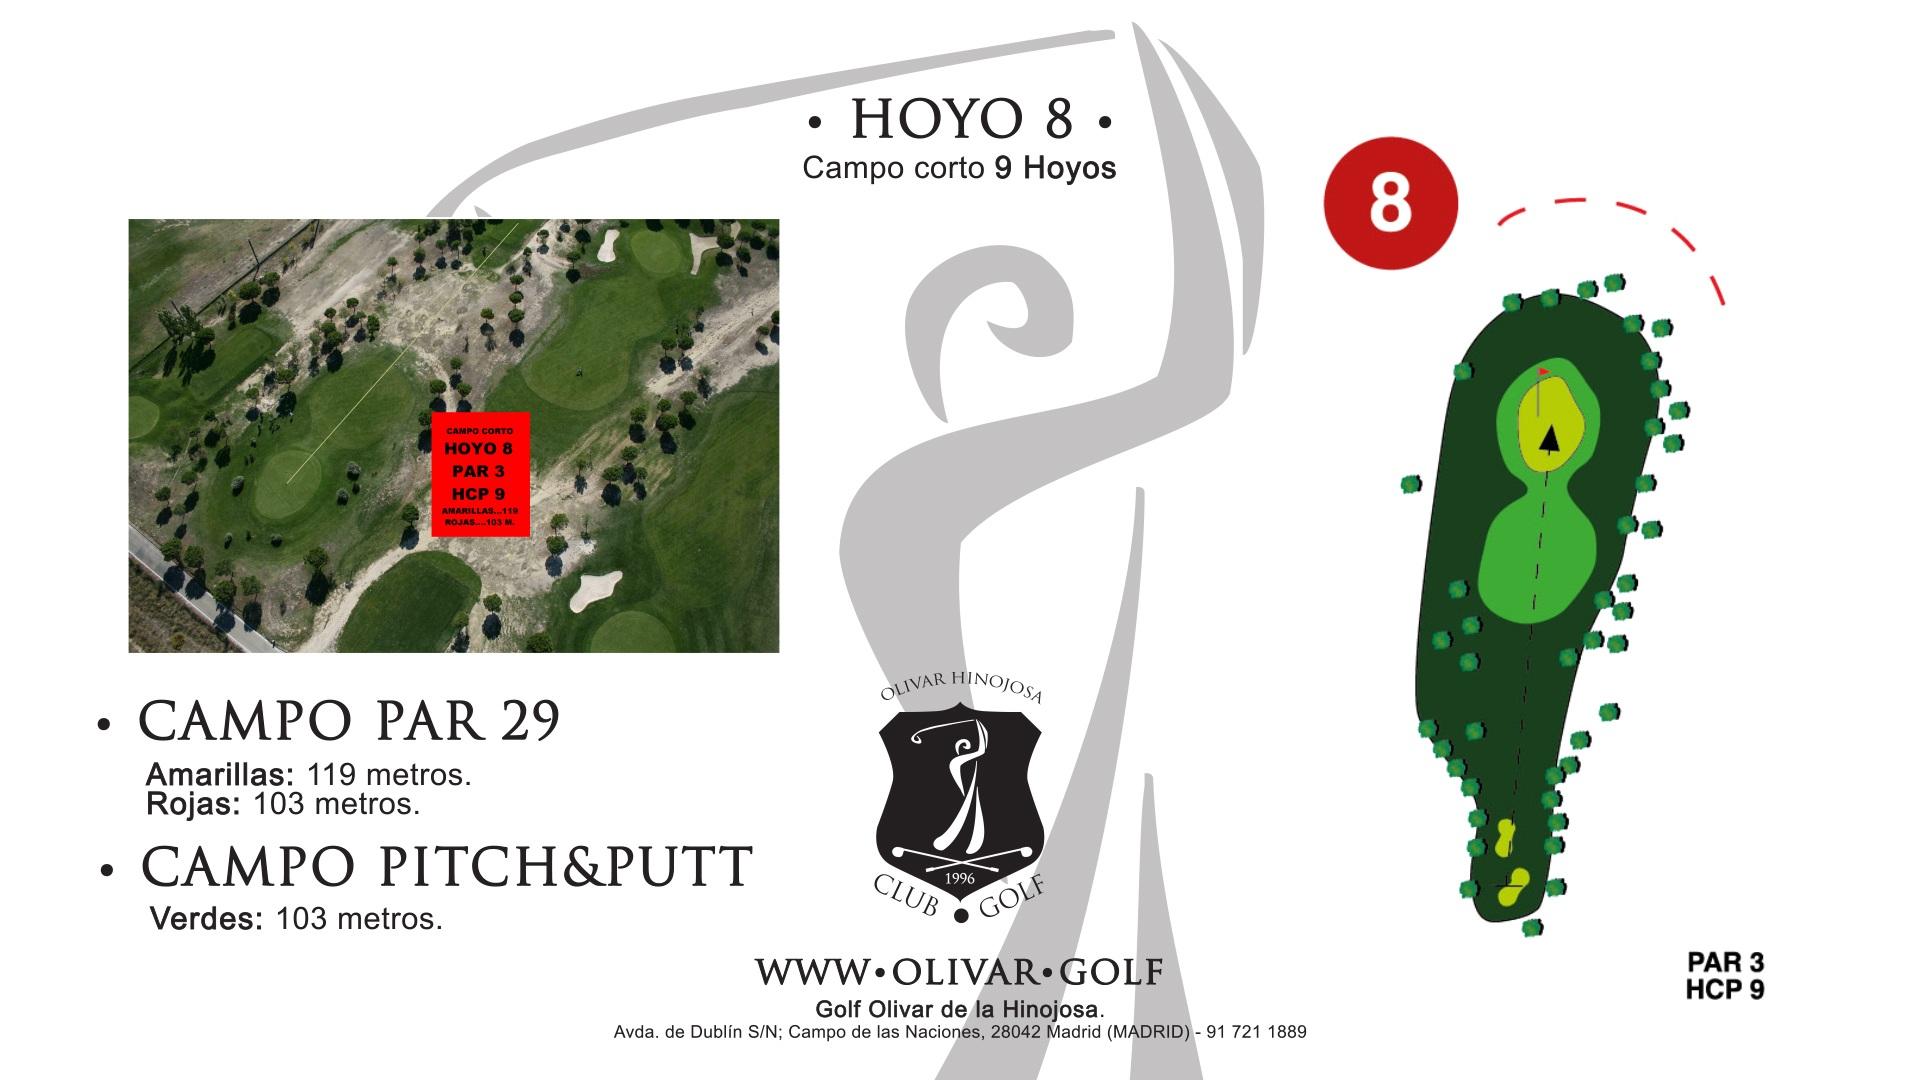 Hoyo 8 Olivar de la Hinojosa